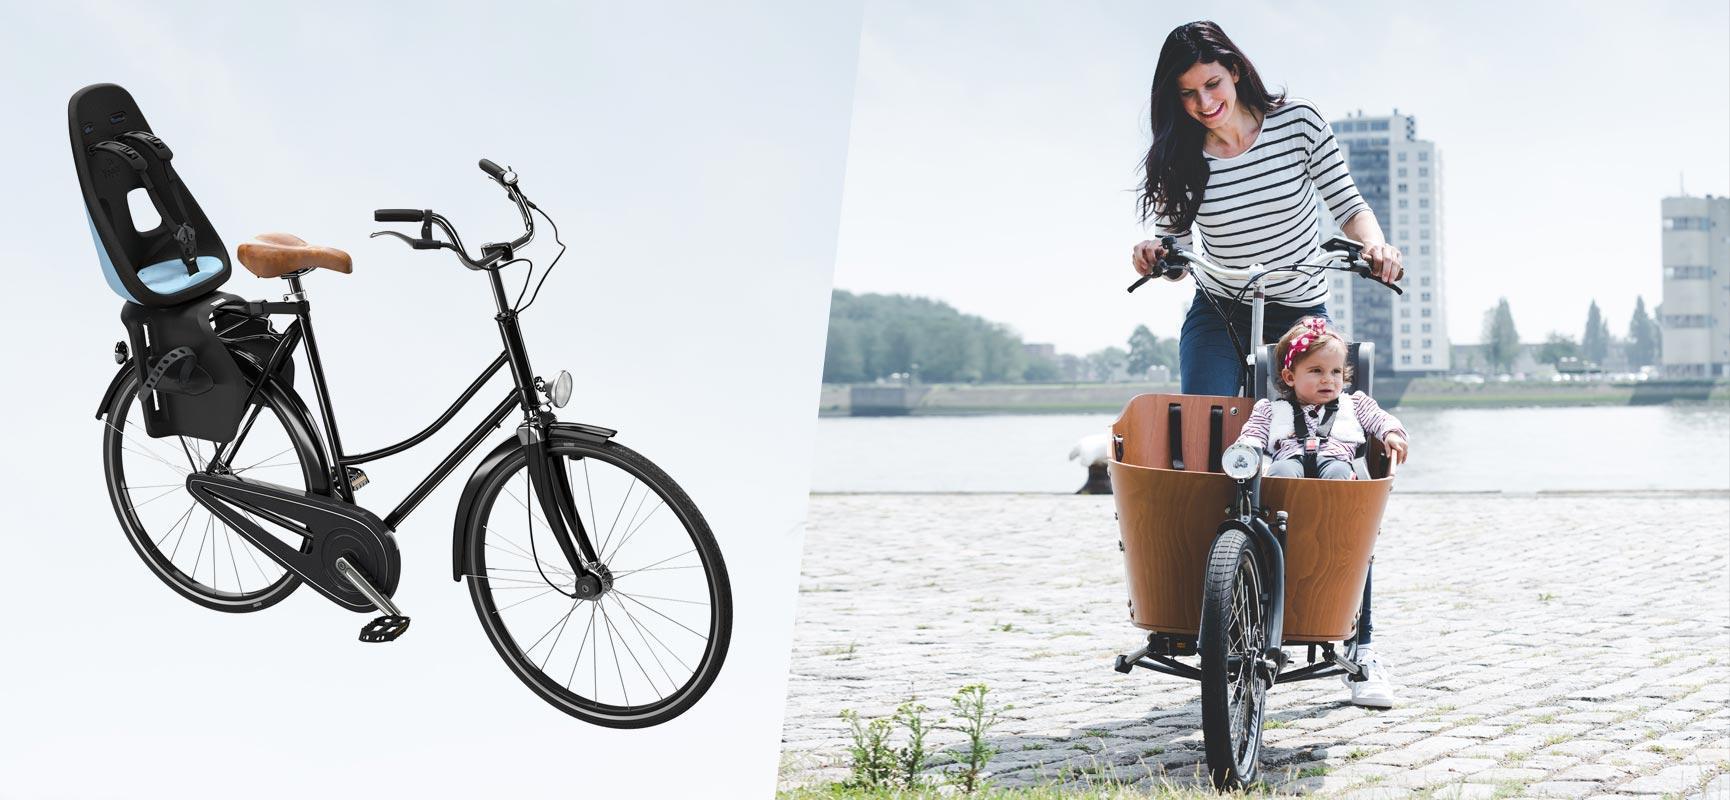 Vélo avec sièges enfants vs. vélo cargo - Quels sont les avantages et les inconvénients ?